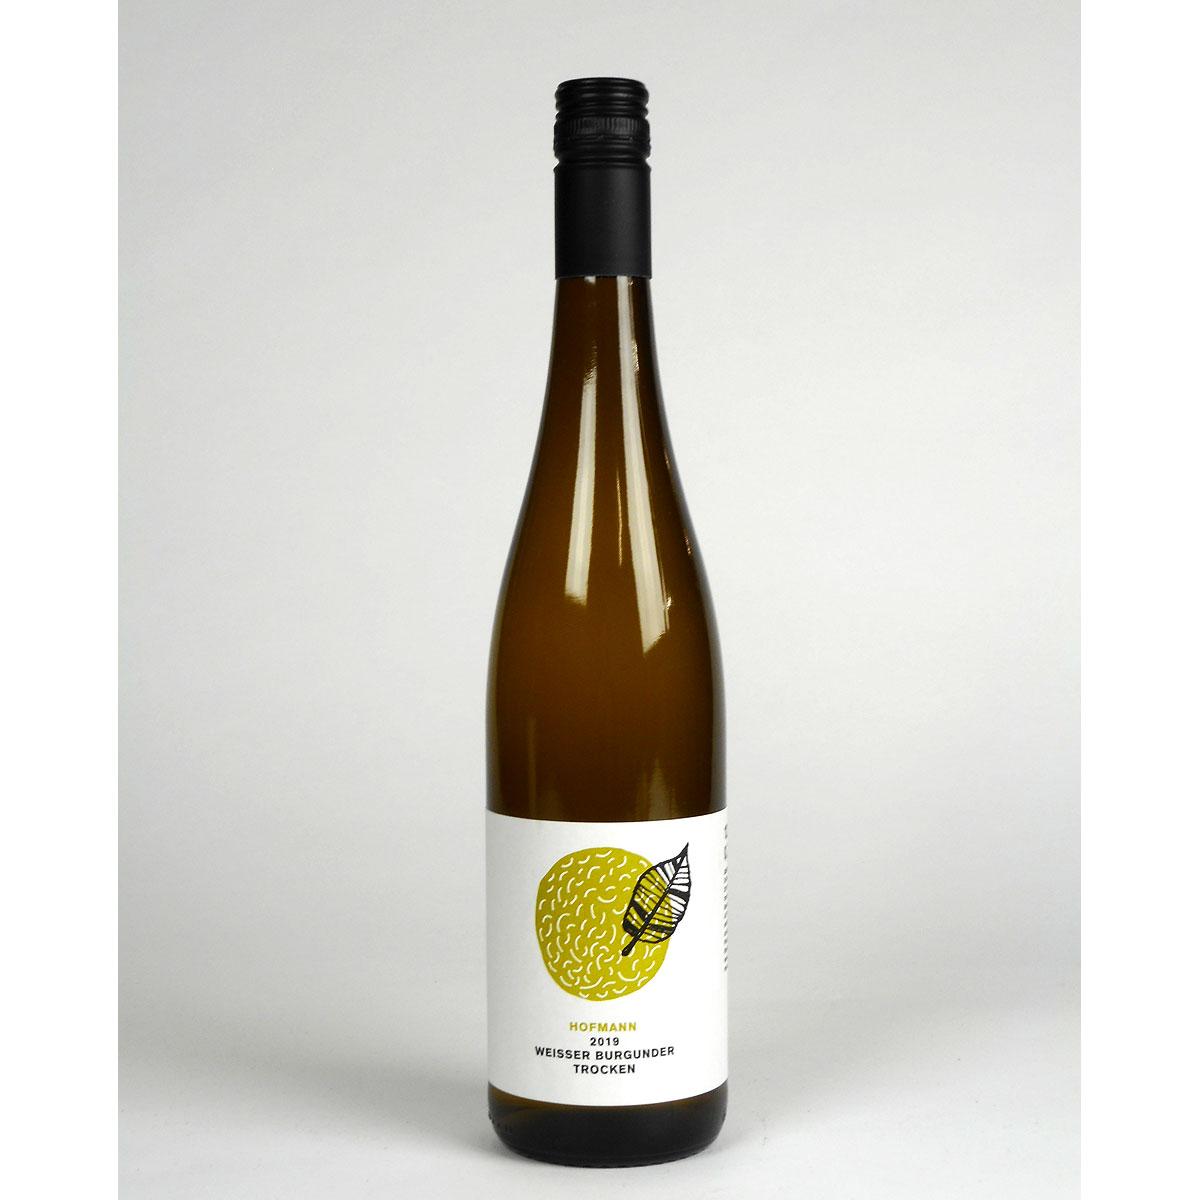 Rheinhessen: Jürgen Hofmann Weisser Burgunder Trocken 2019 - Bottle